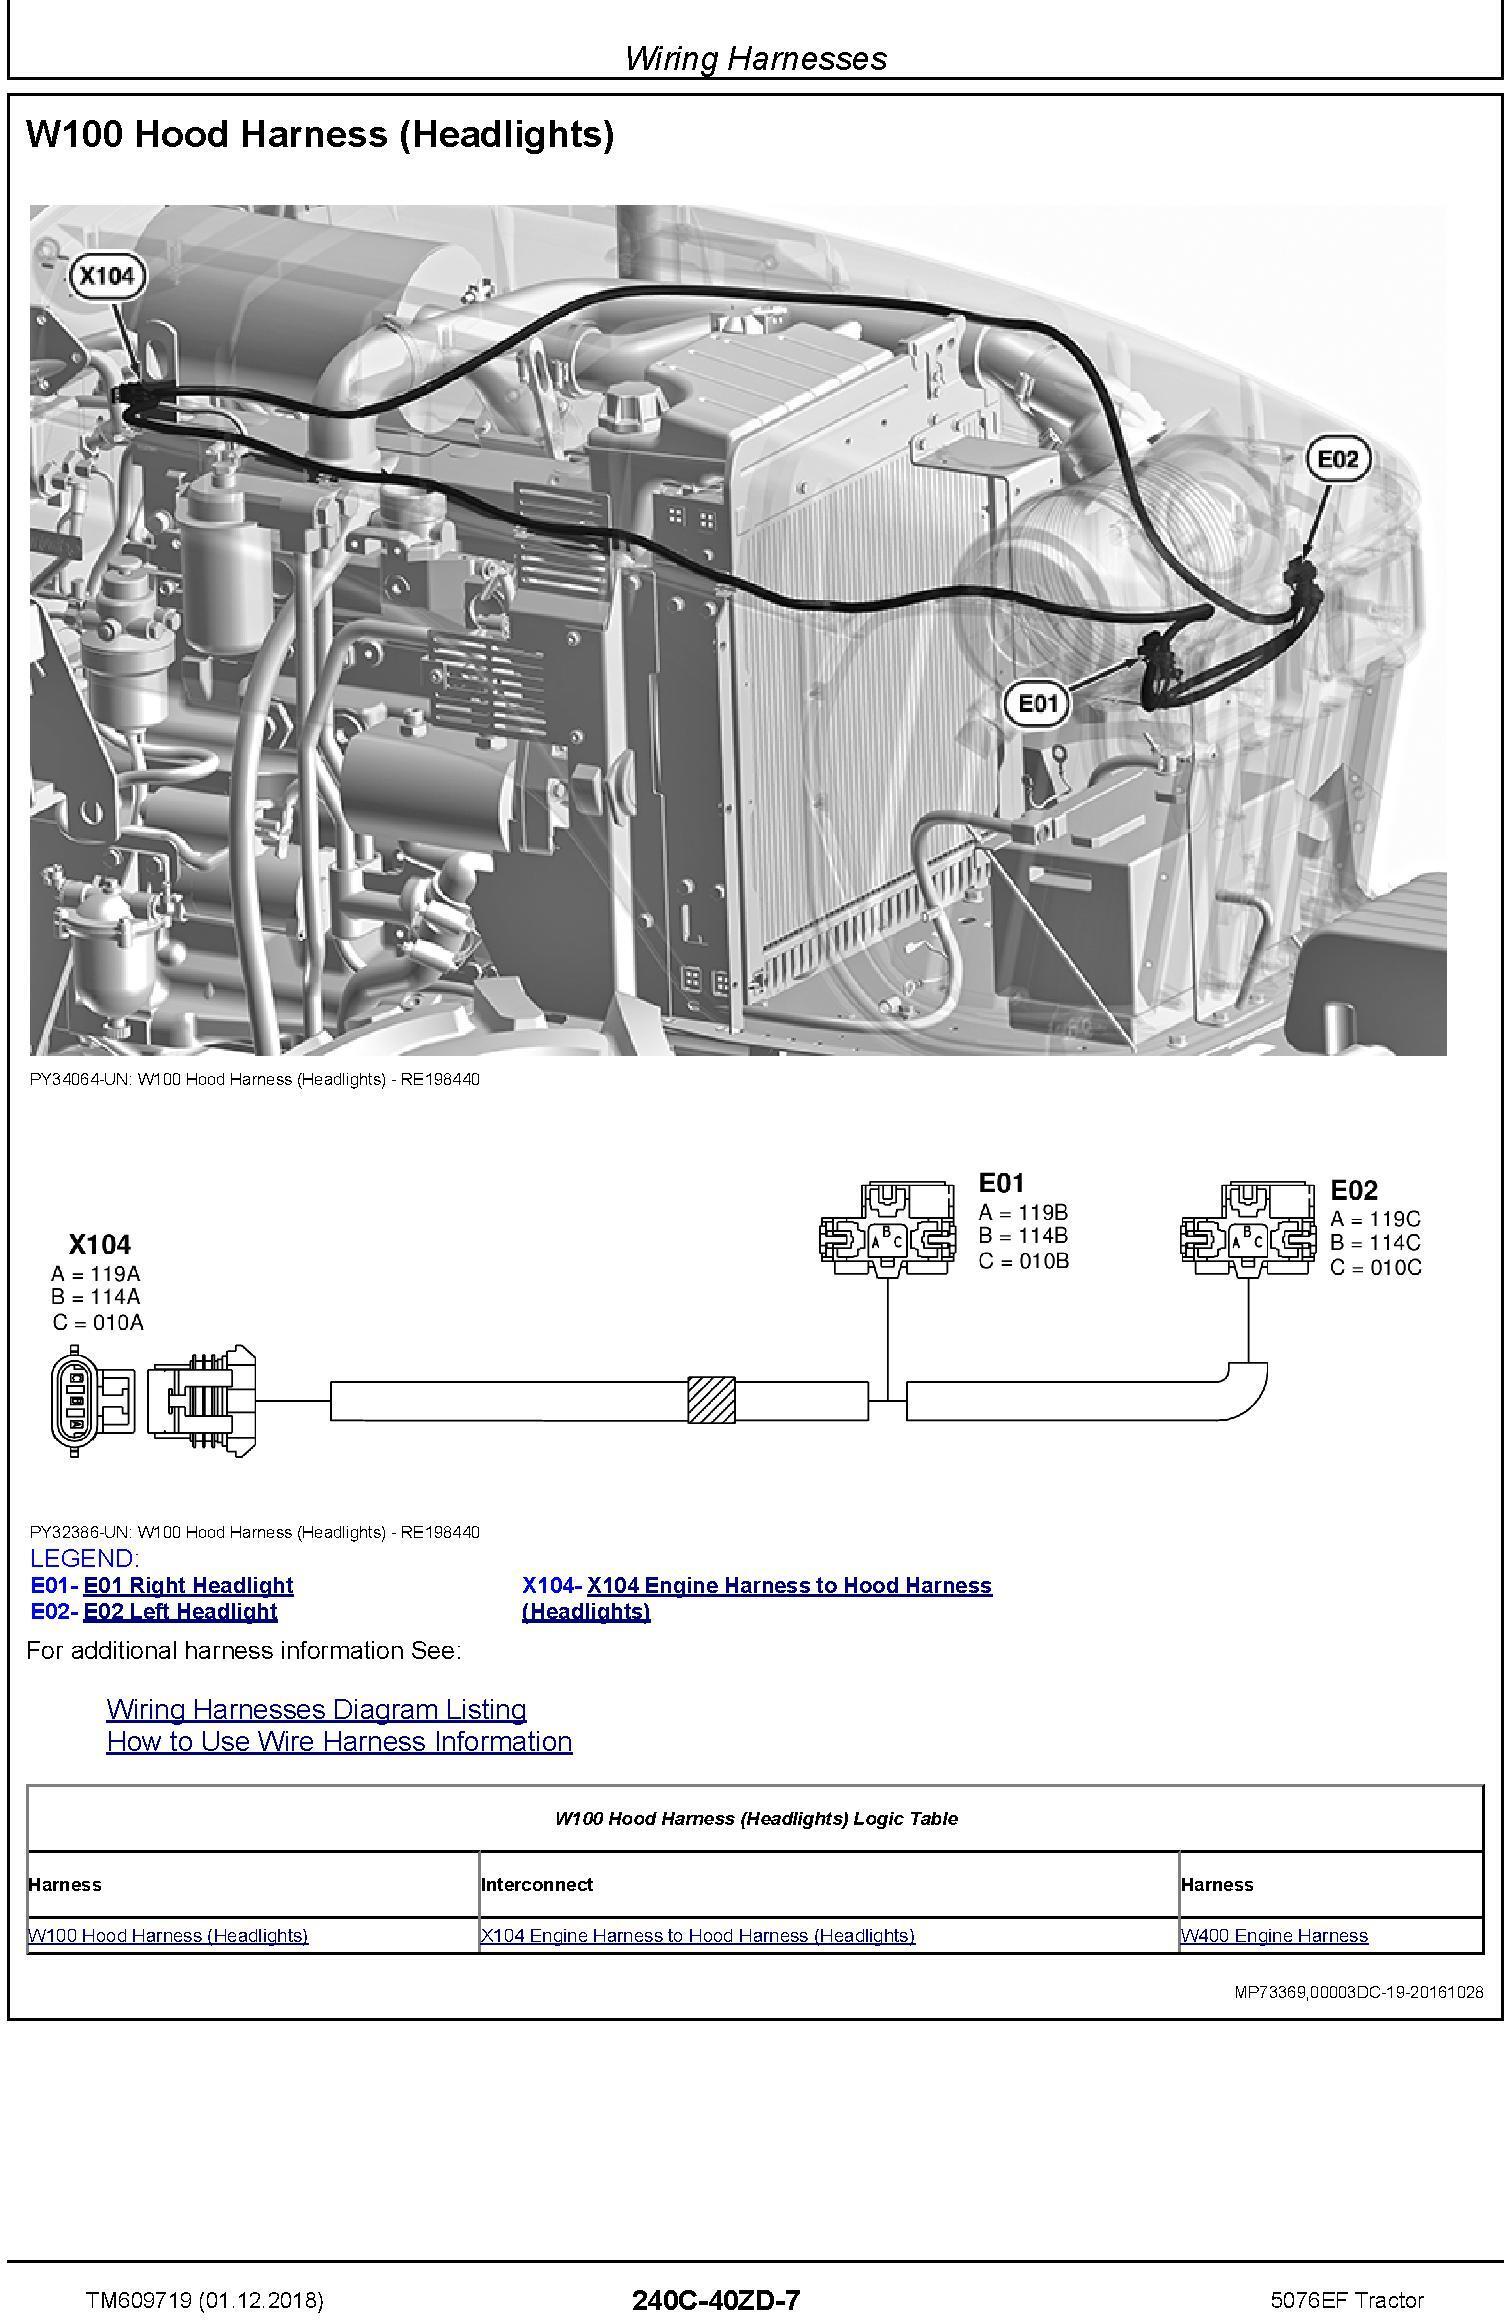 John Deere 5076EF Tractor Diagnostic Technical Service Manual (TM609719) - 1